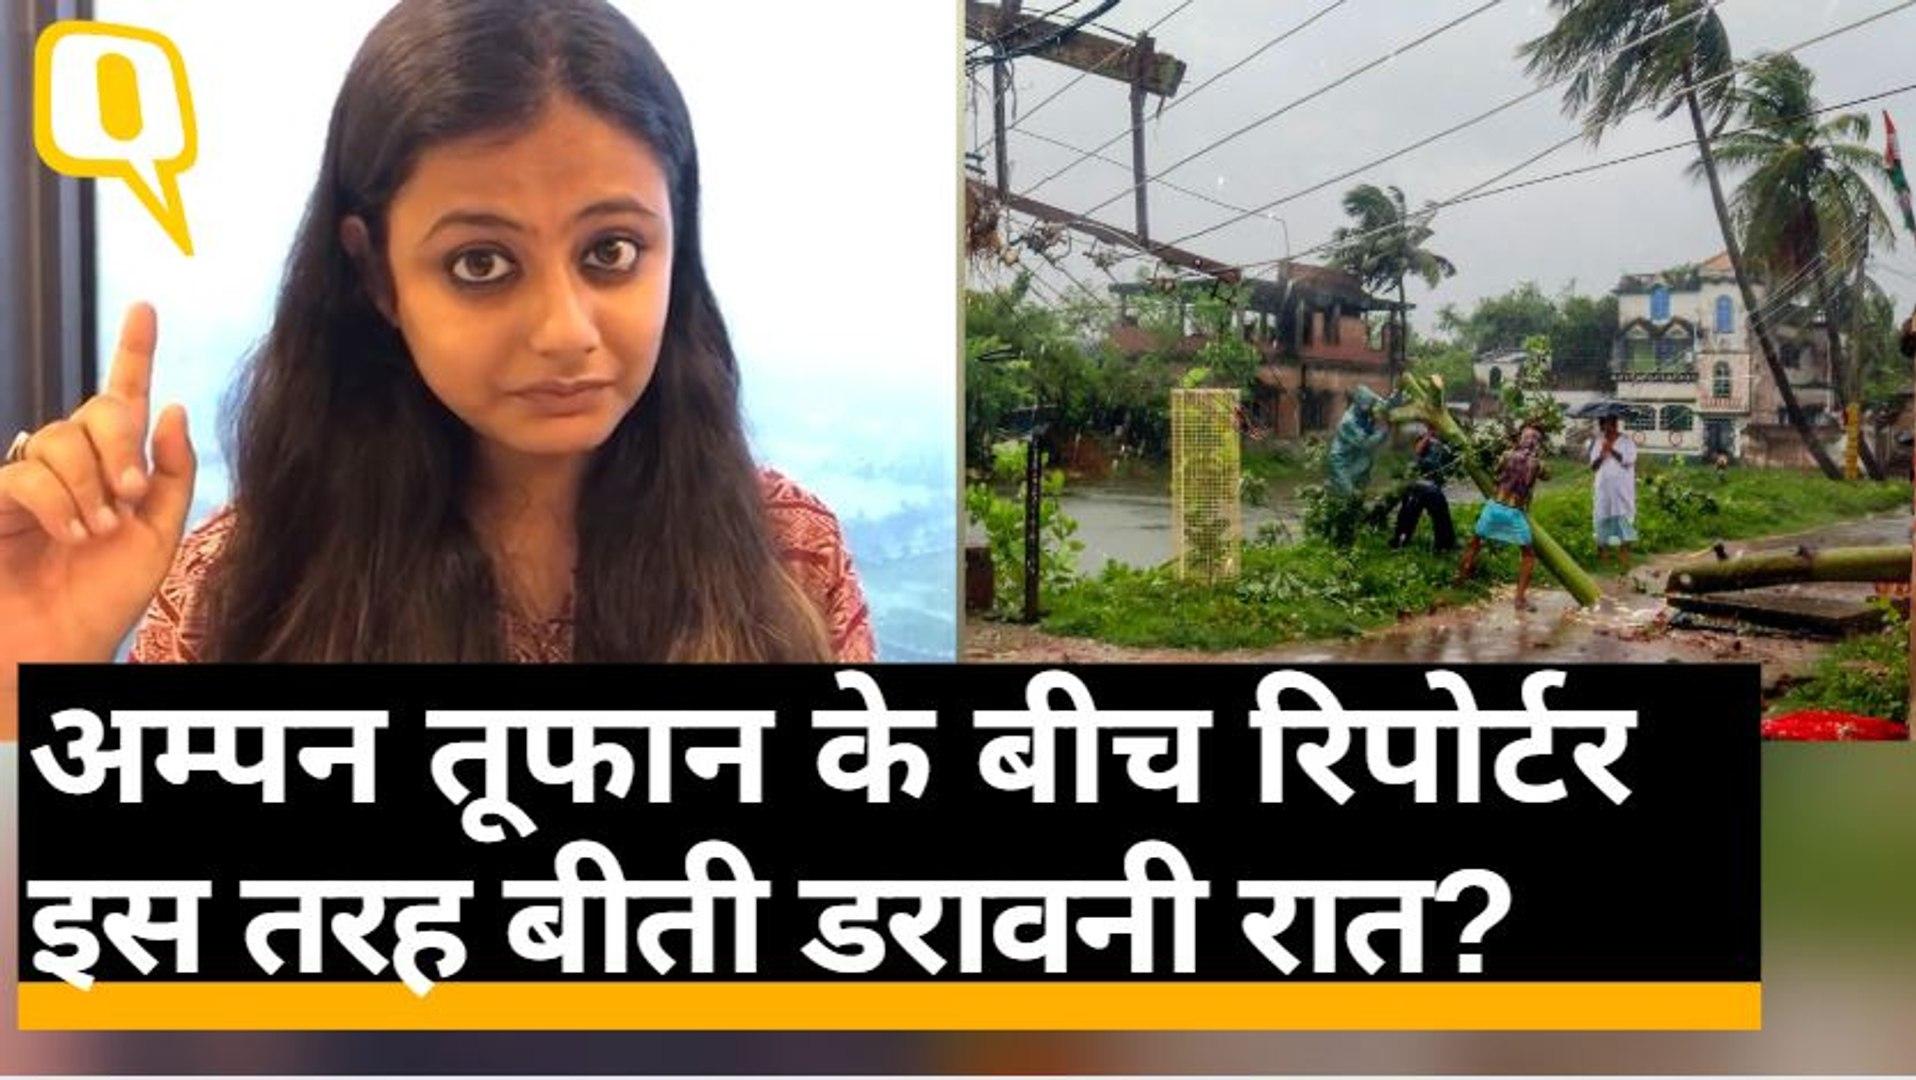 AMPHAN Cyclone: कोलकाता में तूफान के बीच क्विंट की रिपोर्टर ने बिताई रात | Quint Hindi